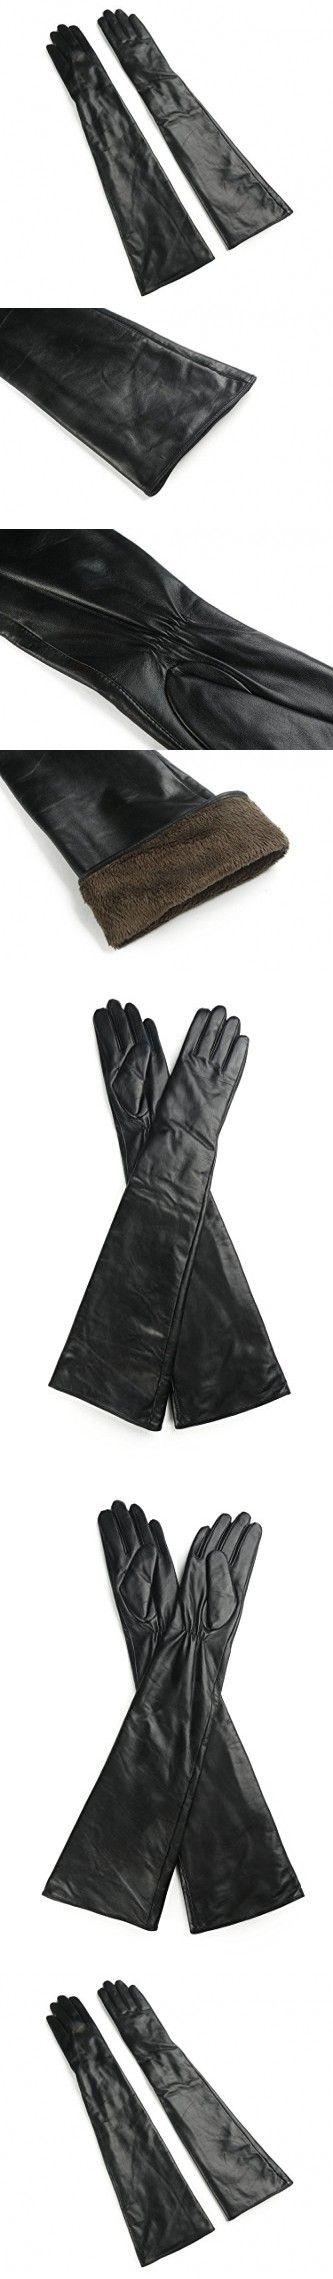 Ambesi Women's Touchscreen Fleece Lined Opera Long Lambskin Leather Winter Gloves Black MAmbesi Women's Touchscreen Fleece Lined Opera Long Lambskin Leather Winter Gloves Black M